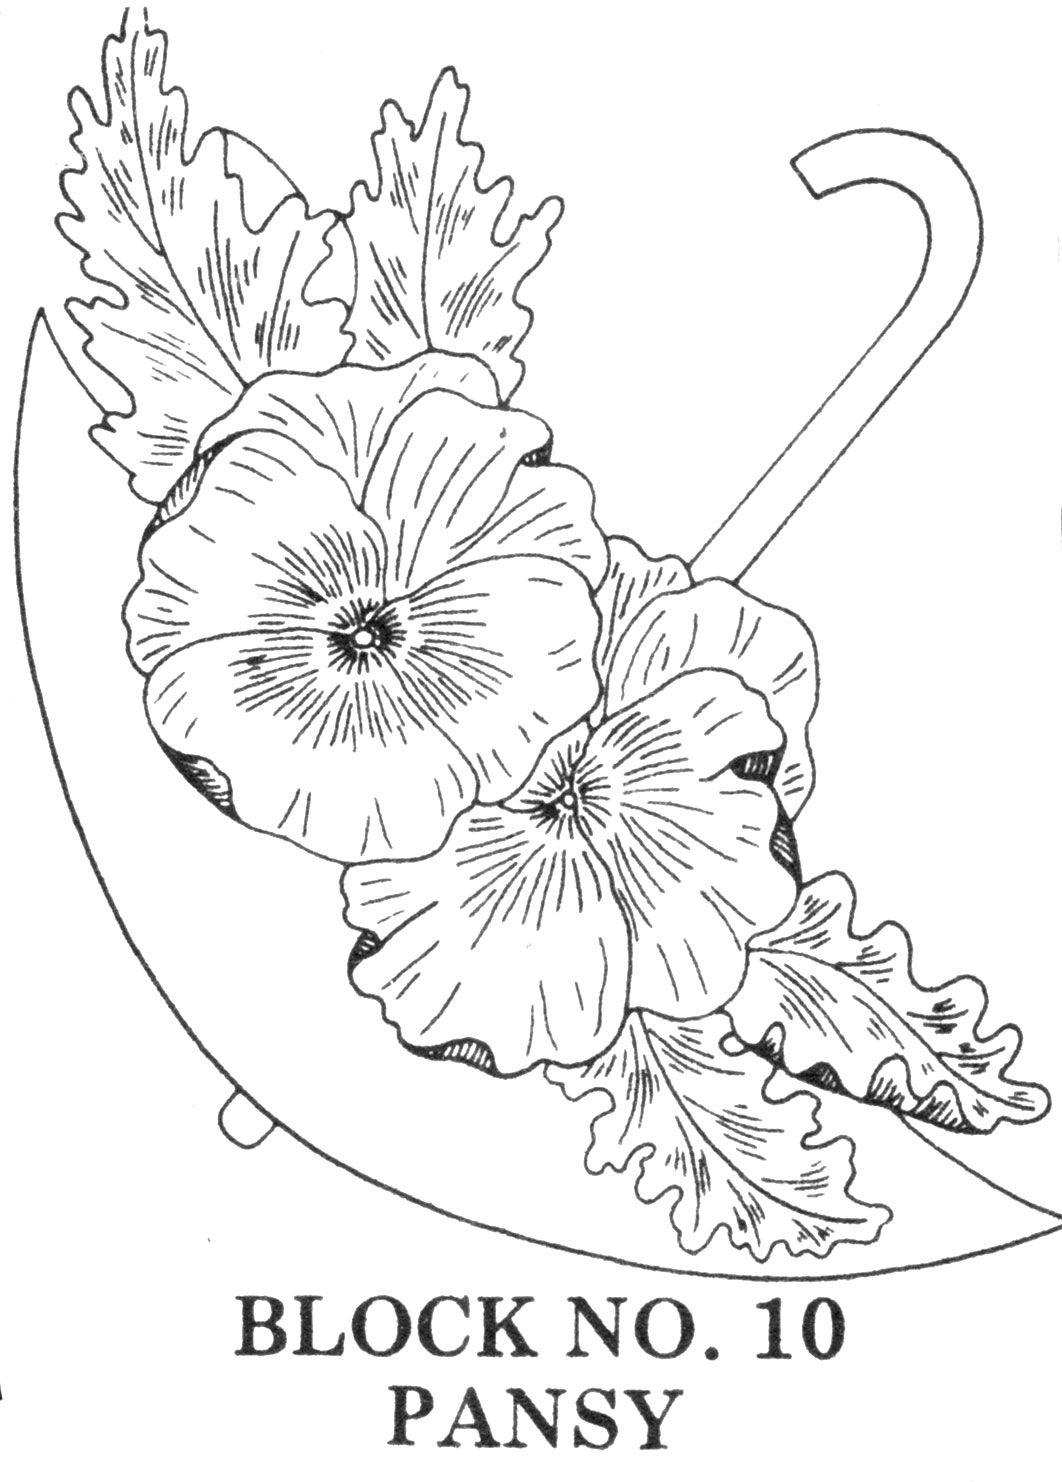 Flower arrangement coloring pages - Umbrella Bouquets Embroidery Applique